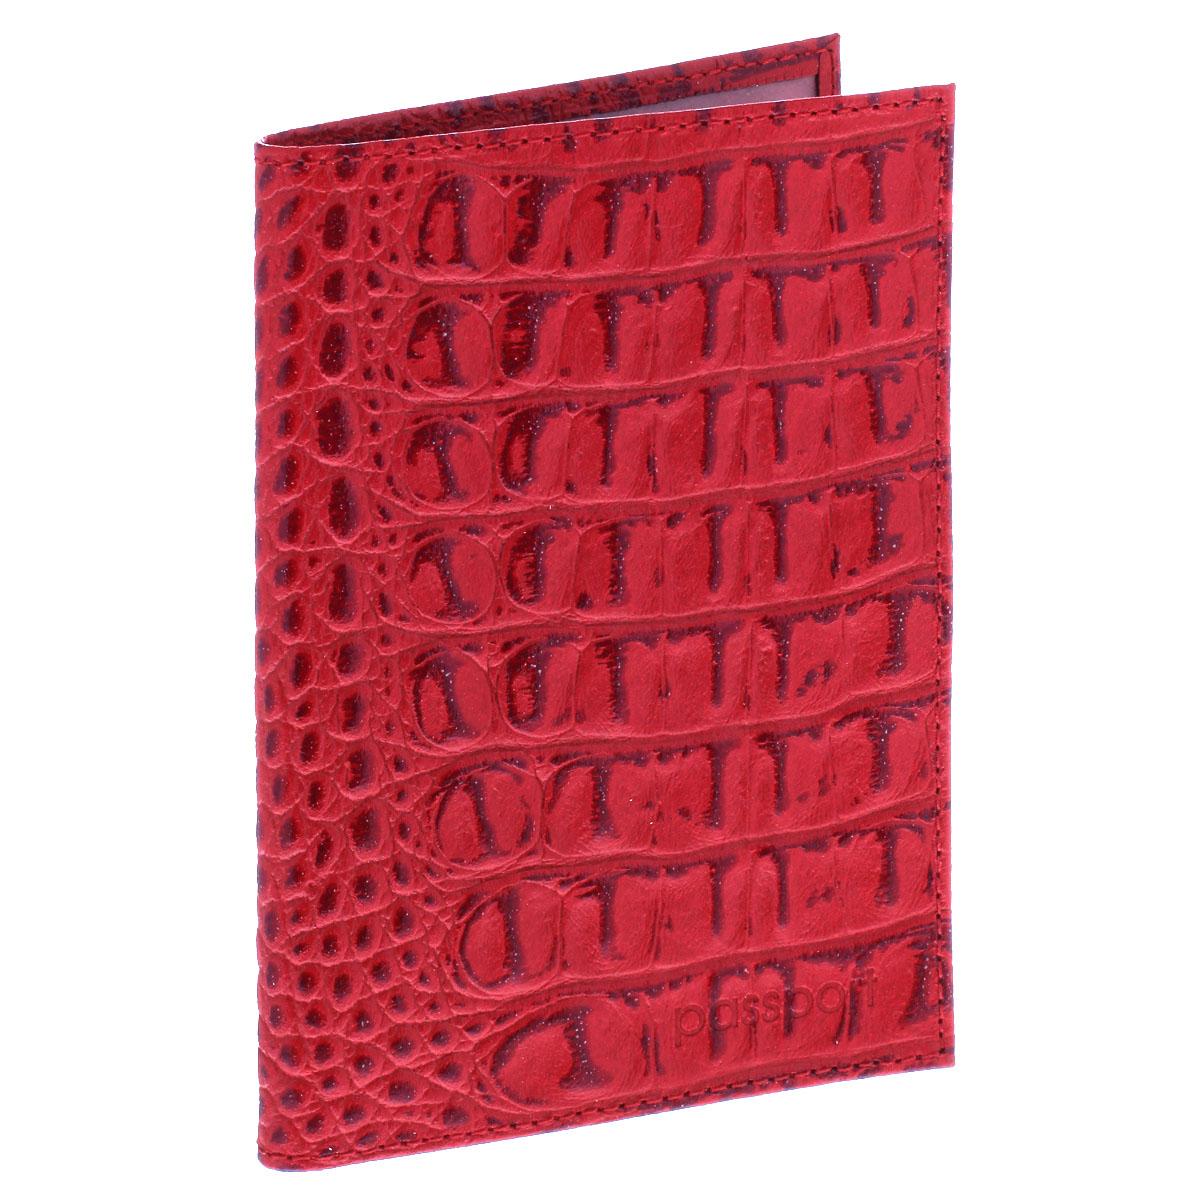 Обложка для паспорта Befler, цвет: красный. O.1.-13O.1.-13. красныйУльтрамодная обложка для паспорта Befler изготовлена из натуральной кожи и оформлена тиснением под рептилию. Изделие с обеих сторон дополнено тиснеными надписями. Внутри - два прозрачных боковых кармана из мягкого пластика, которые обеспечат надежную фиксацию вашего документа. Изделие упаковано в фирменную коробку.Модная обложка для паспорта не только поможет сохранить внешний вид вашего документа и защитить его от повреждений, но и станет стильным аксессуаром, который эффектно дополнит ваш образ.